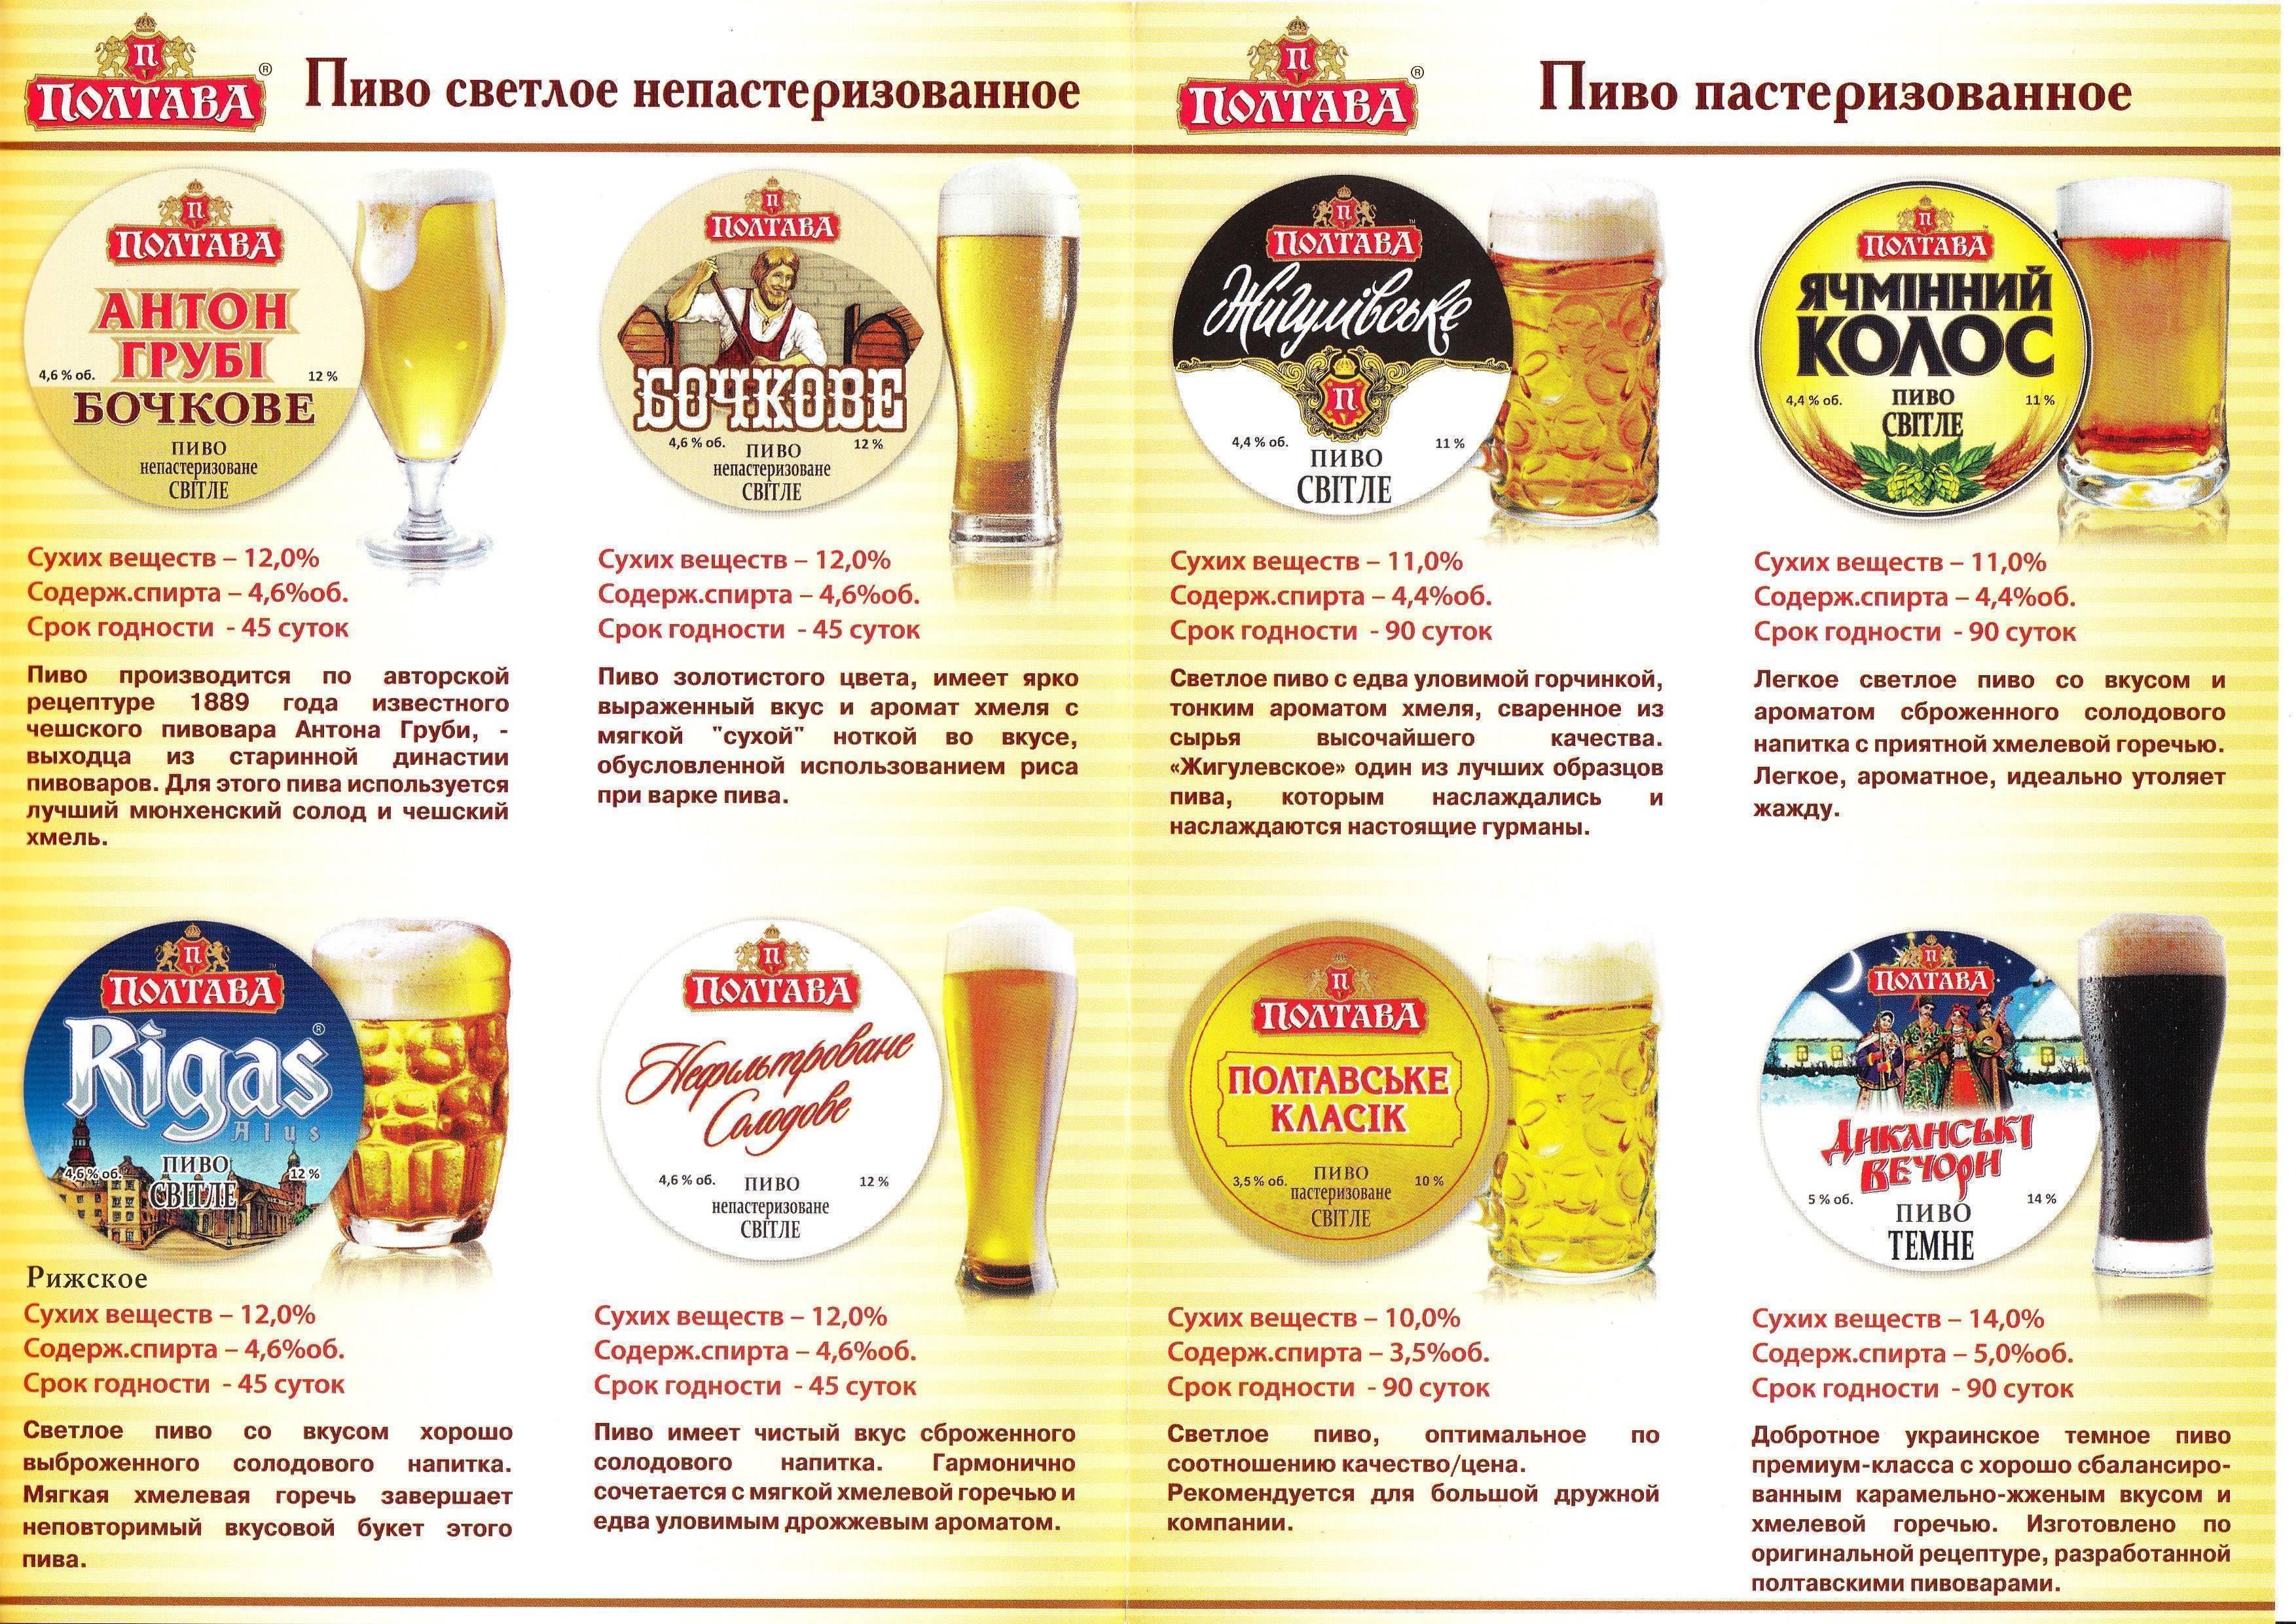 Чем отличается непастеризованное пиво от пастеризованного? 5 правил покупки хорошего пива